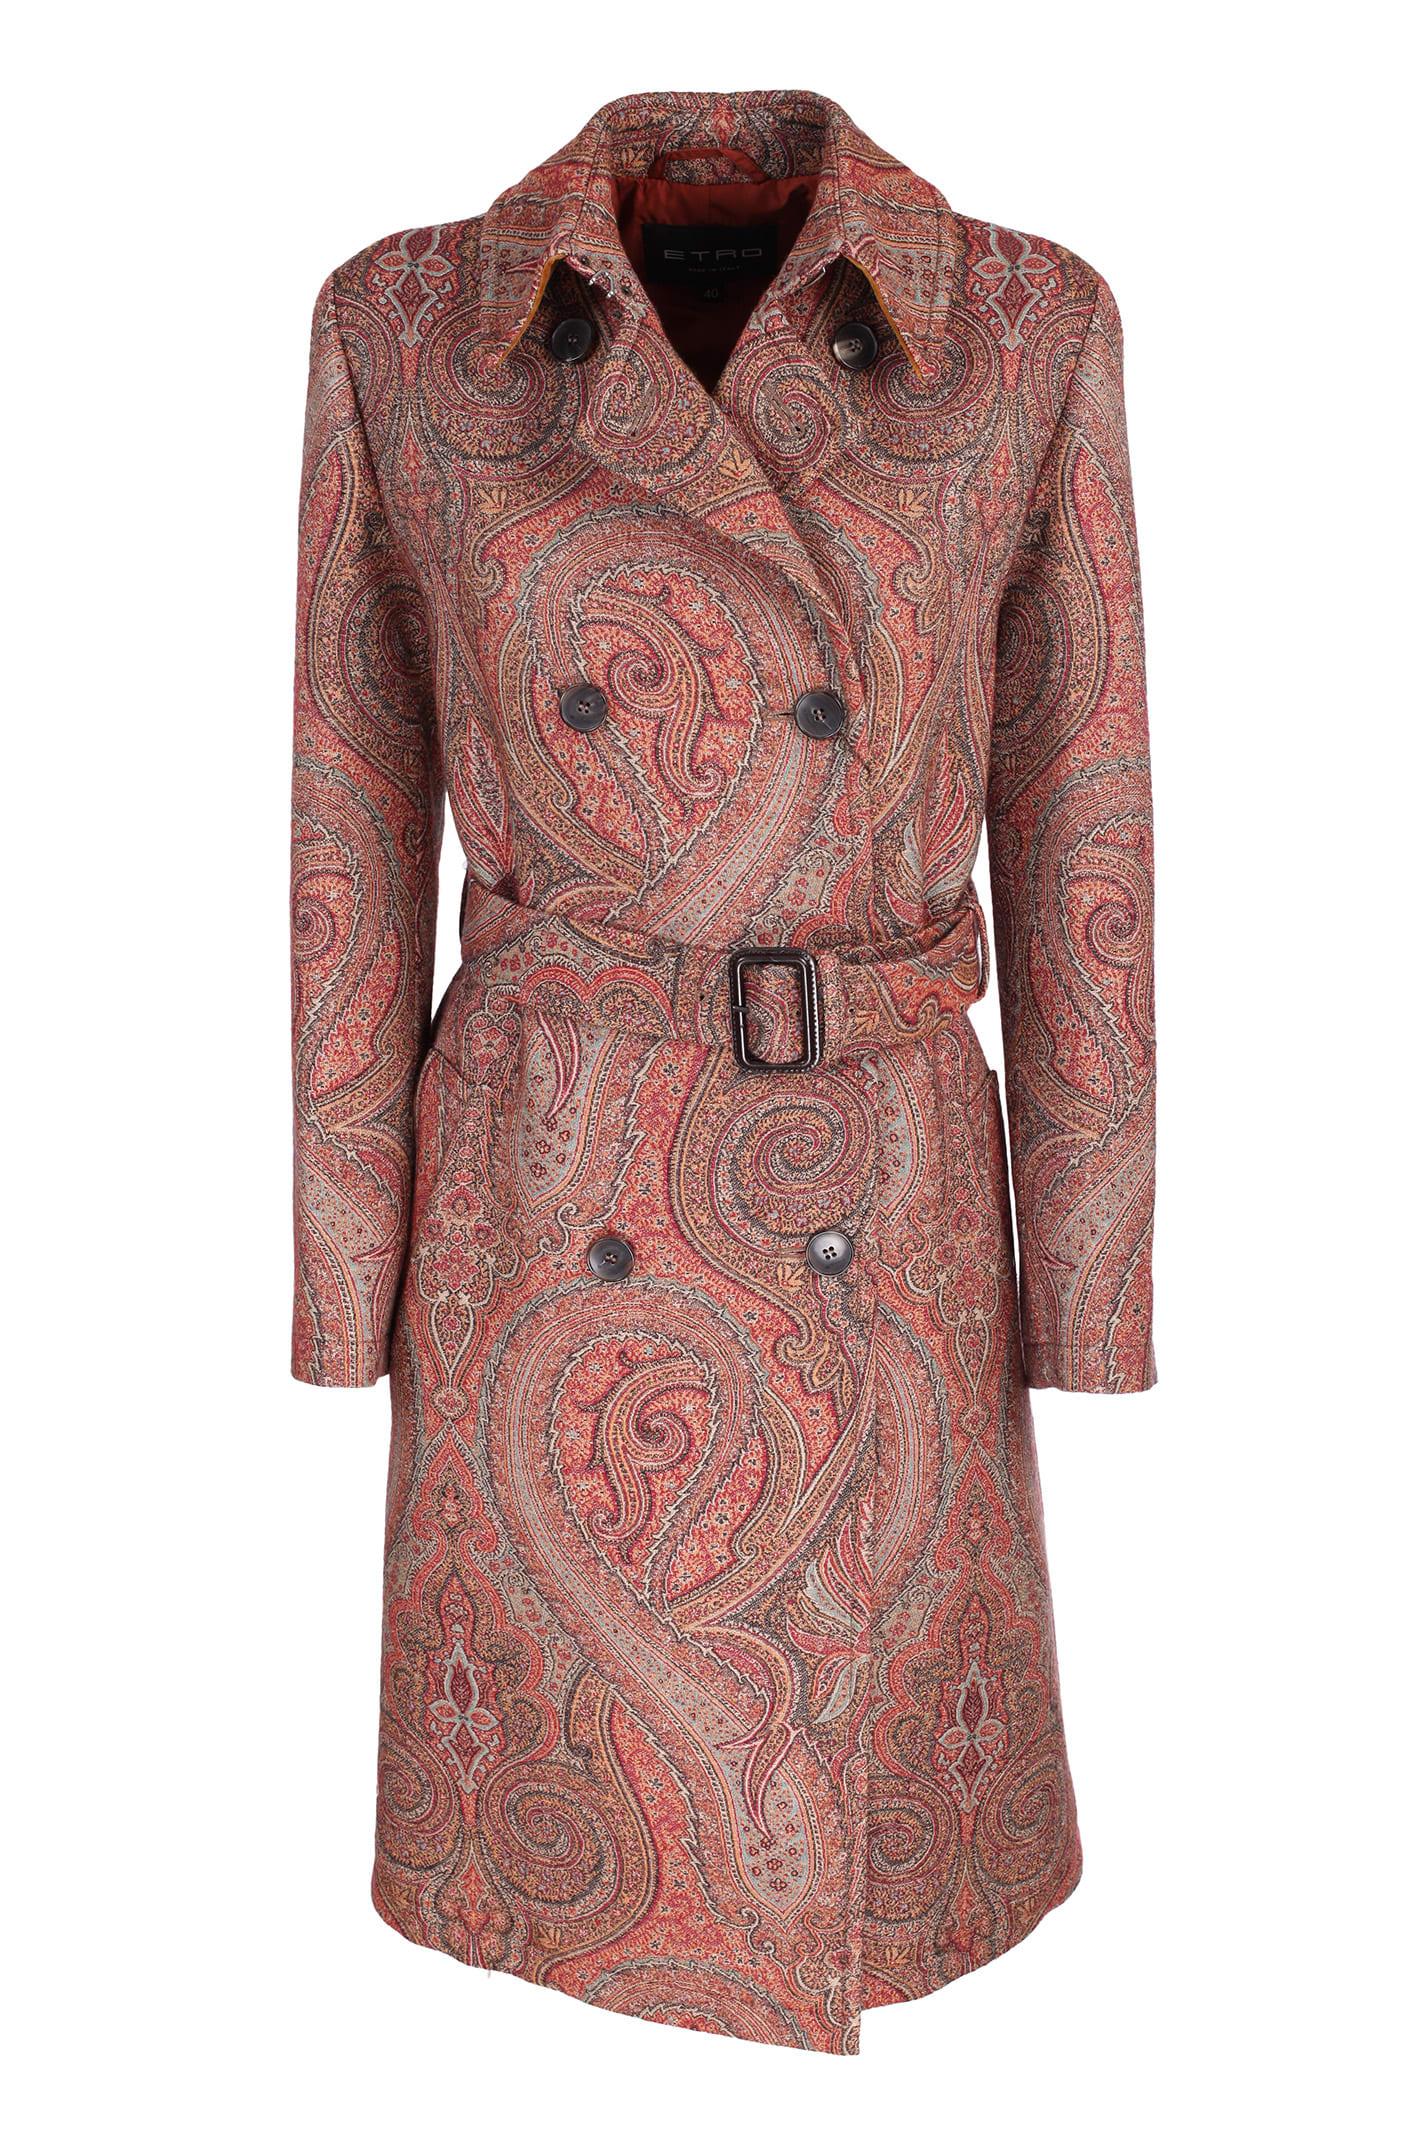 Etro Paisley coat